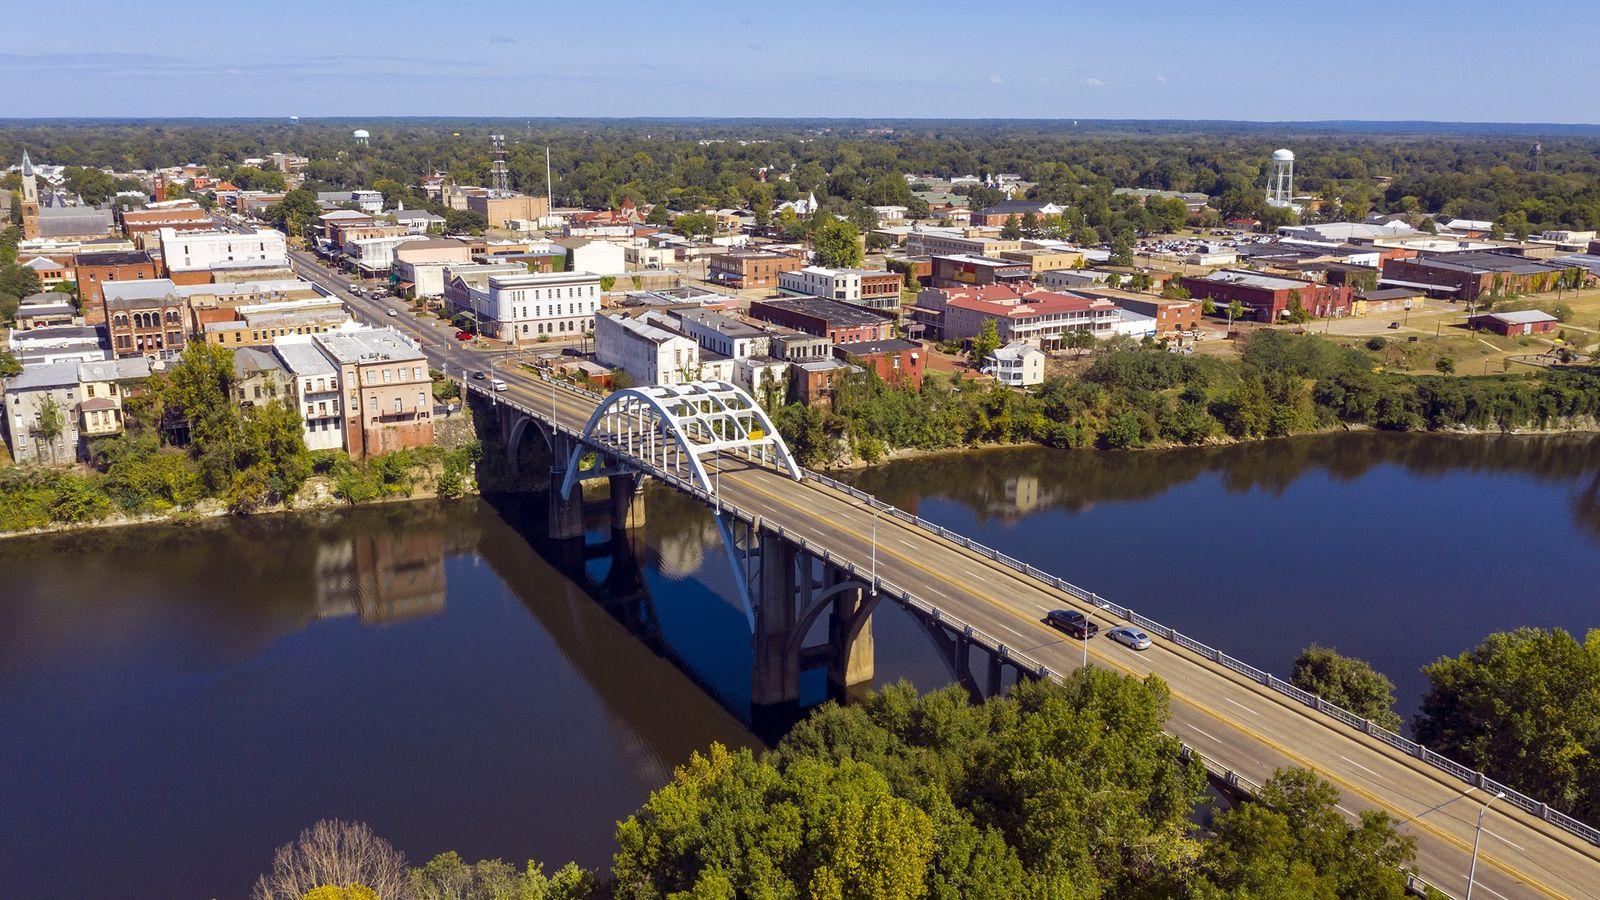 Die Edmund Pettus Bridge in Selma